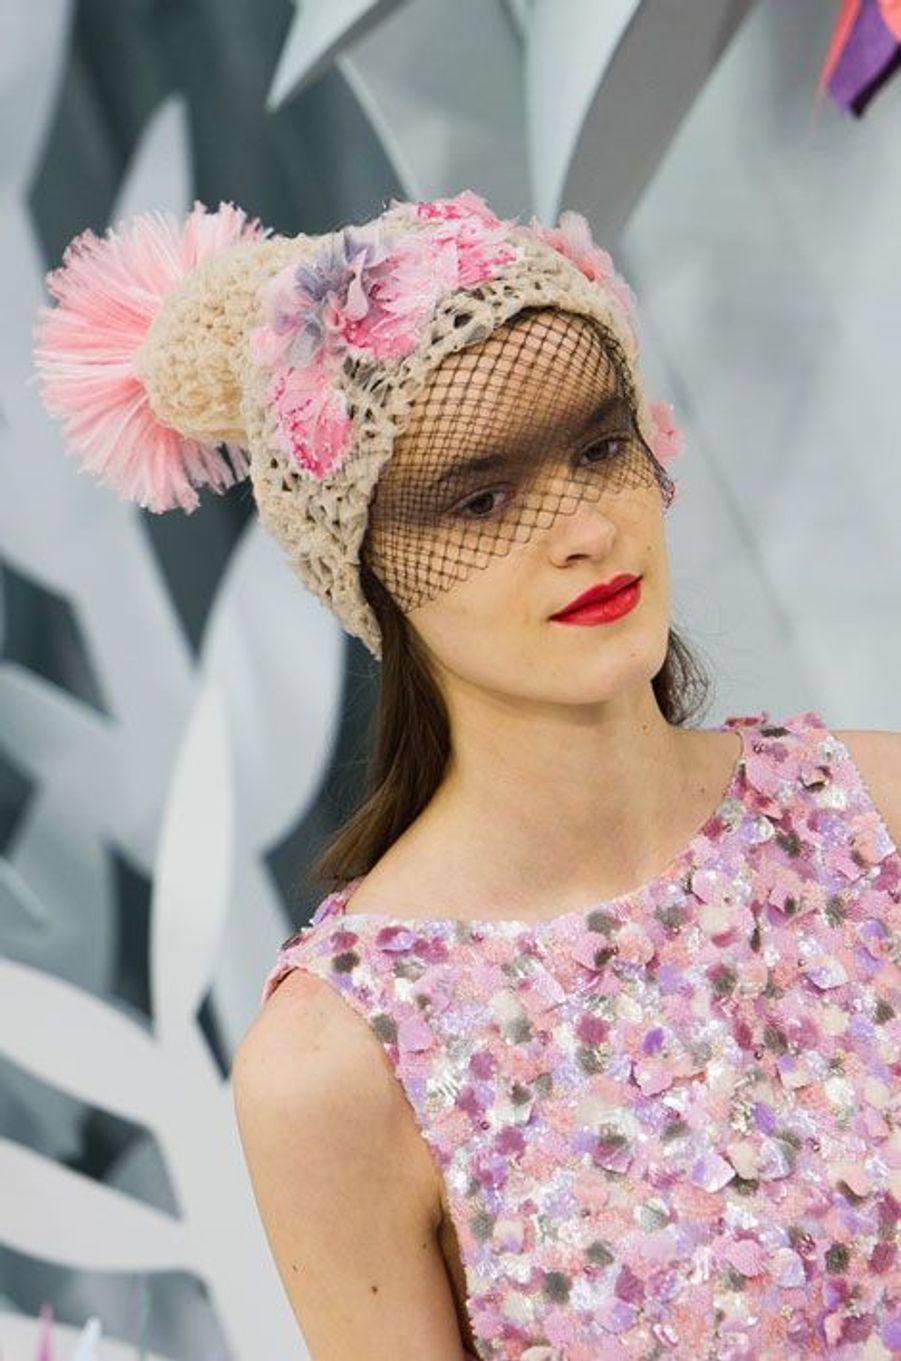 Défilé Chanel Haute Couture printemps-été 2015 à Paris, le 27 janvier 2015